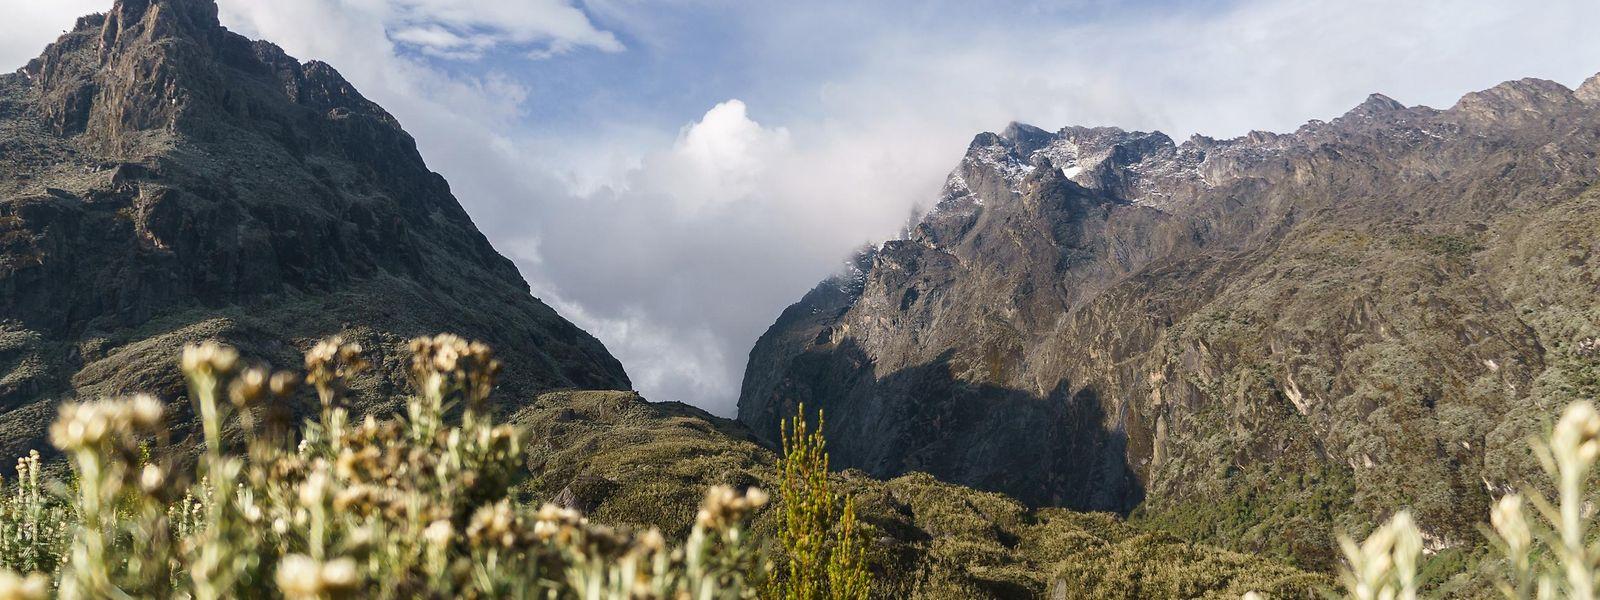 Blick vom Hunwick's Campauf knapp 4000 Metern in Richtung Bergmassiv – auf den Spitzen liegt feiner Schnee wie Puderzucker.